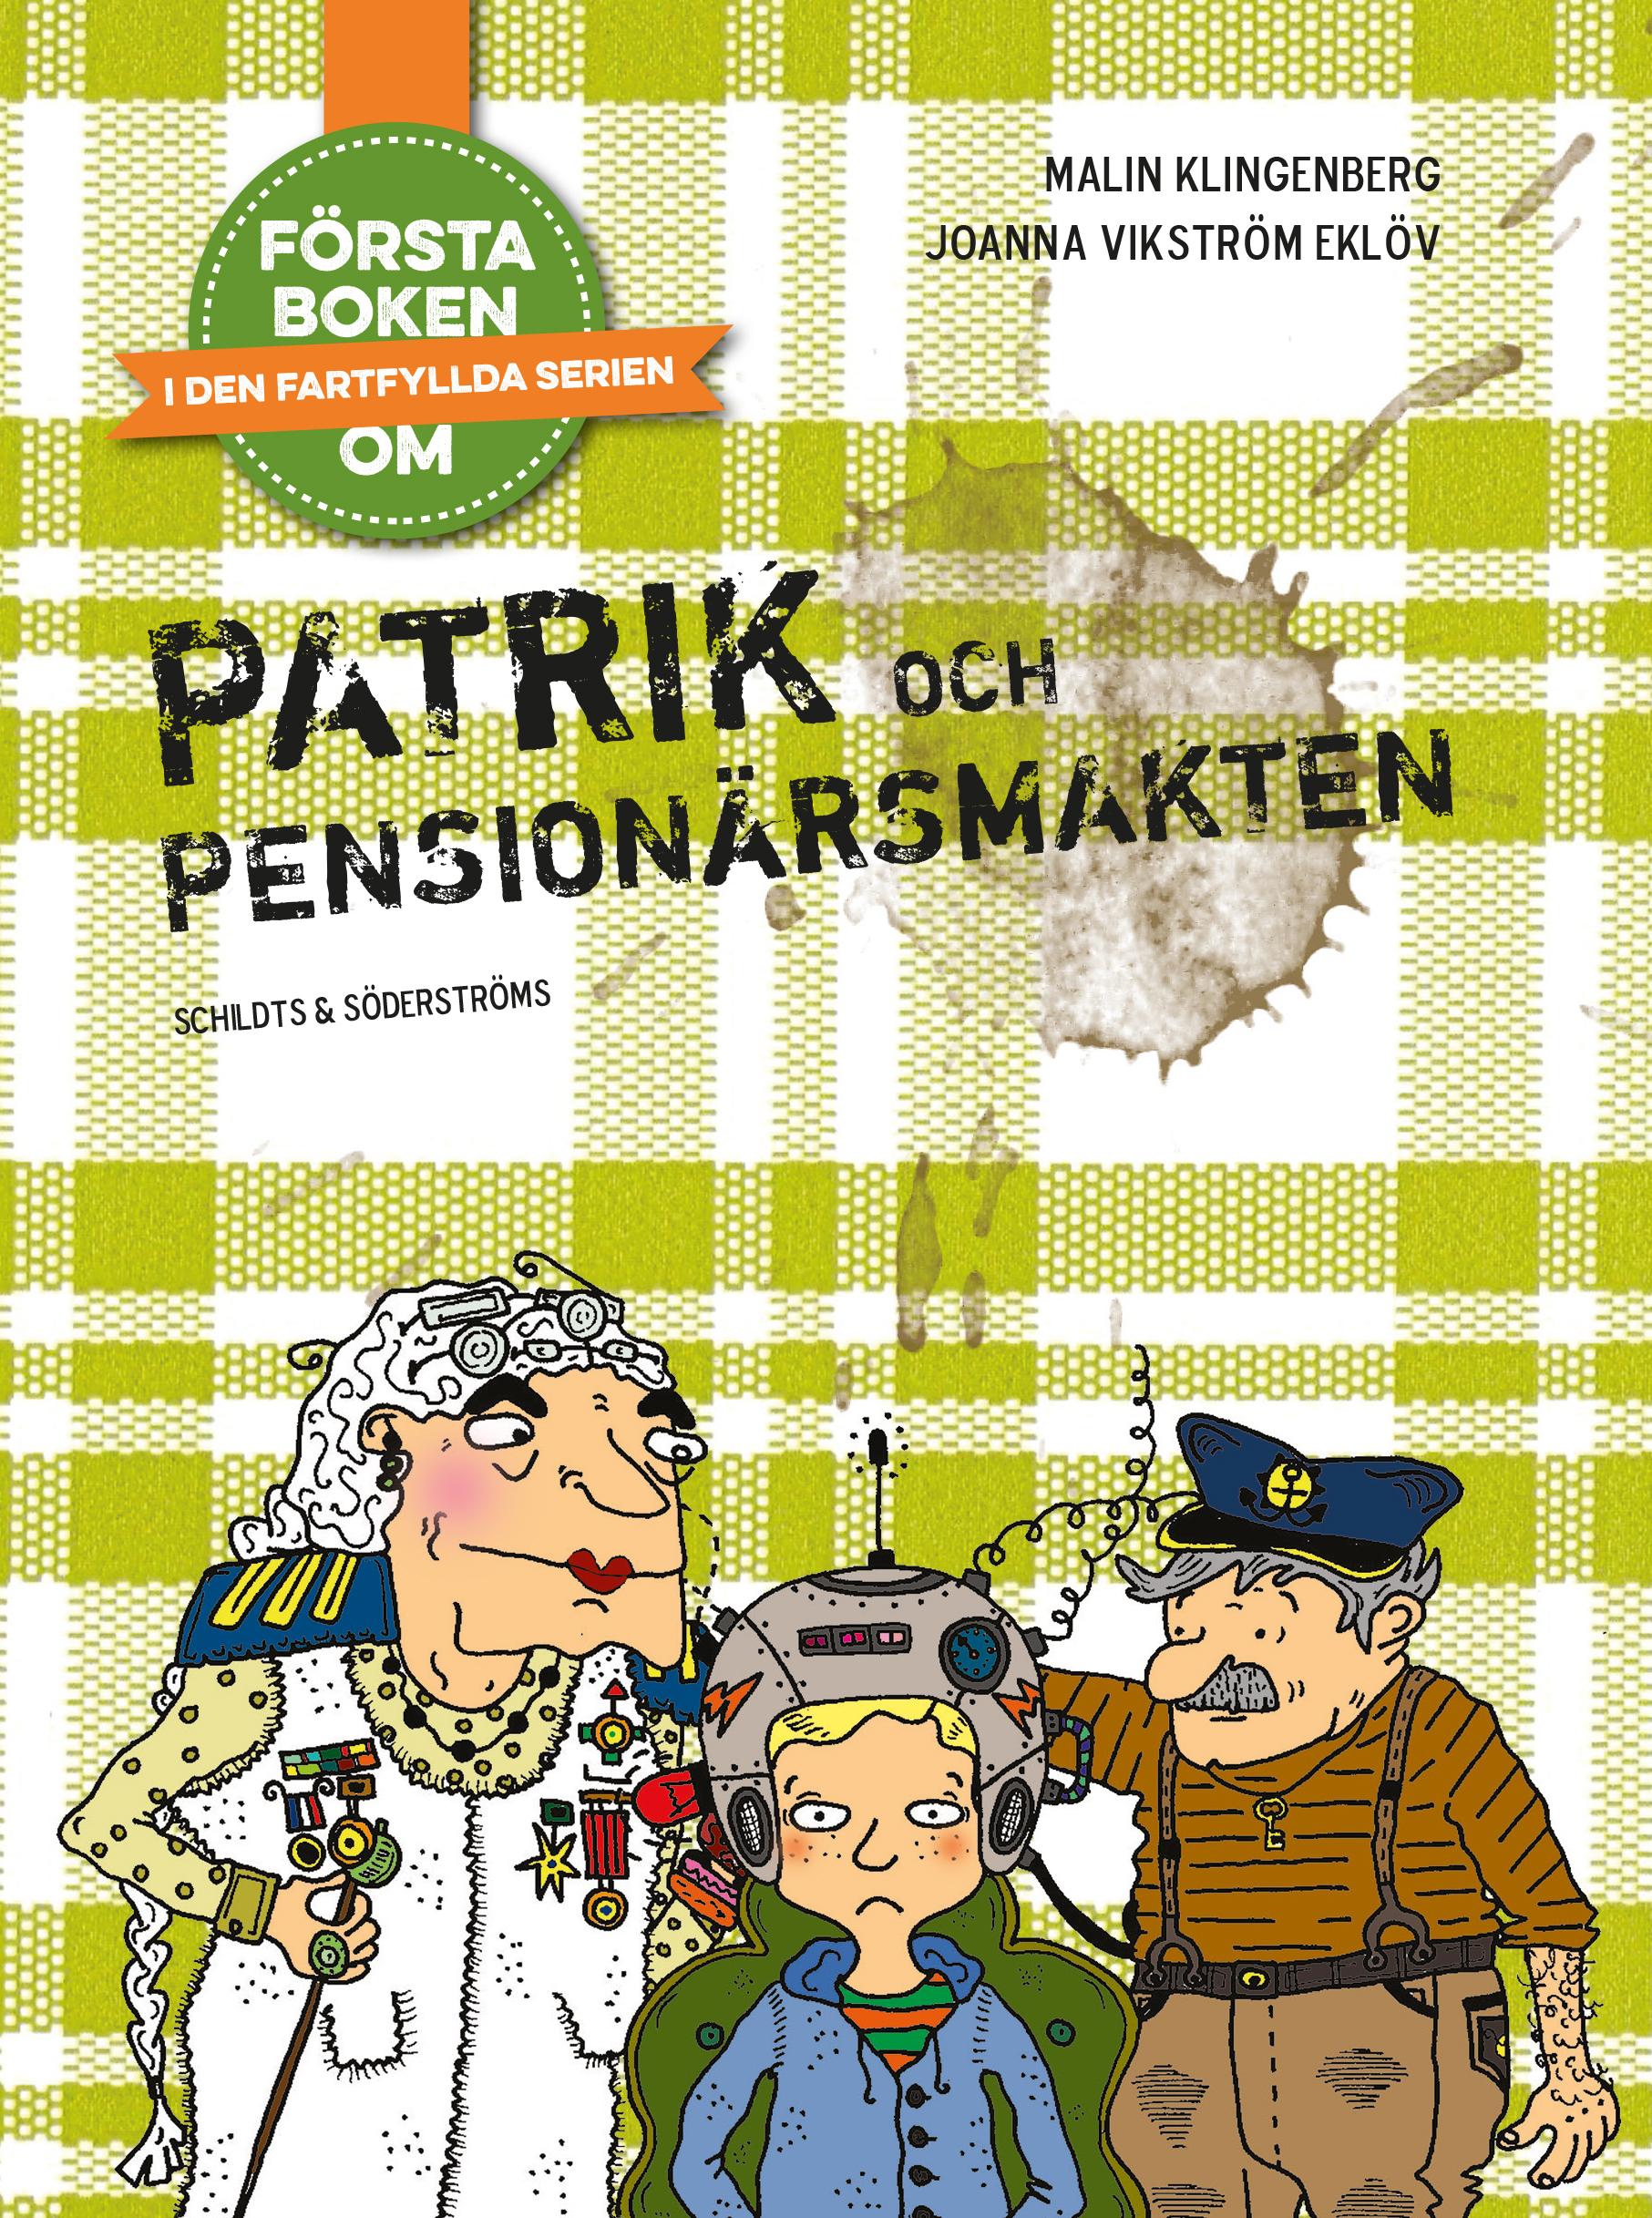 Patrik och pensionärsmakten av Malin Klingenberg och Joanna Vikström Eklöv